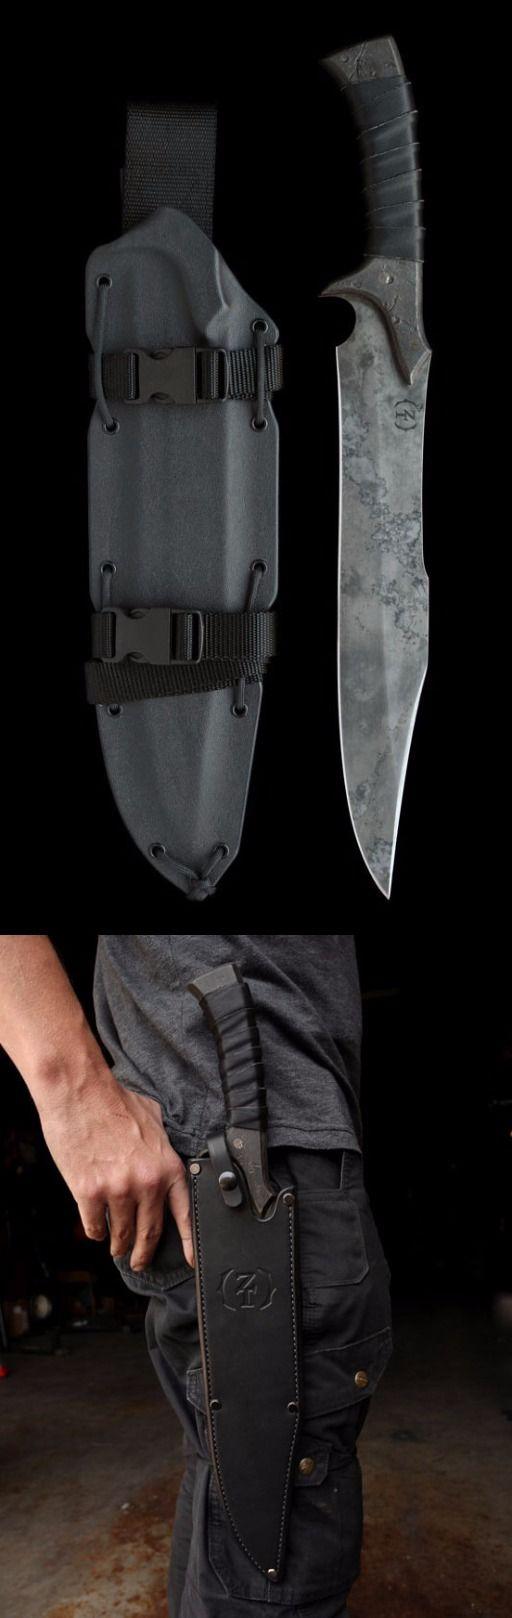 Zombie Tools The Felon Bowie Fixed Combat Fixed Knife Blade @aegisgears https://www.zombietools.net/shop/felon/